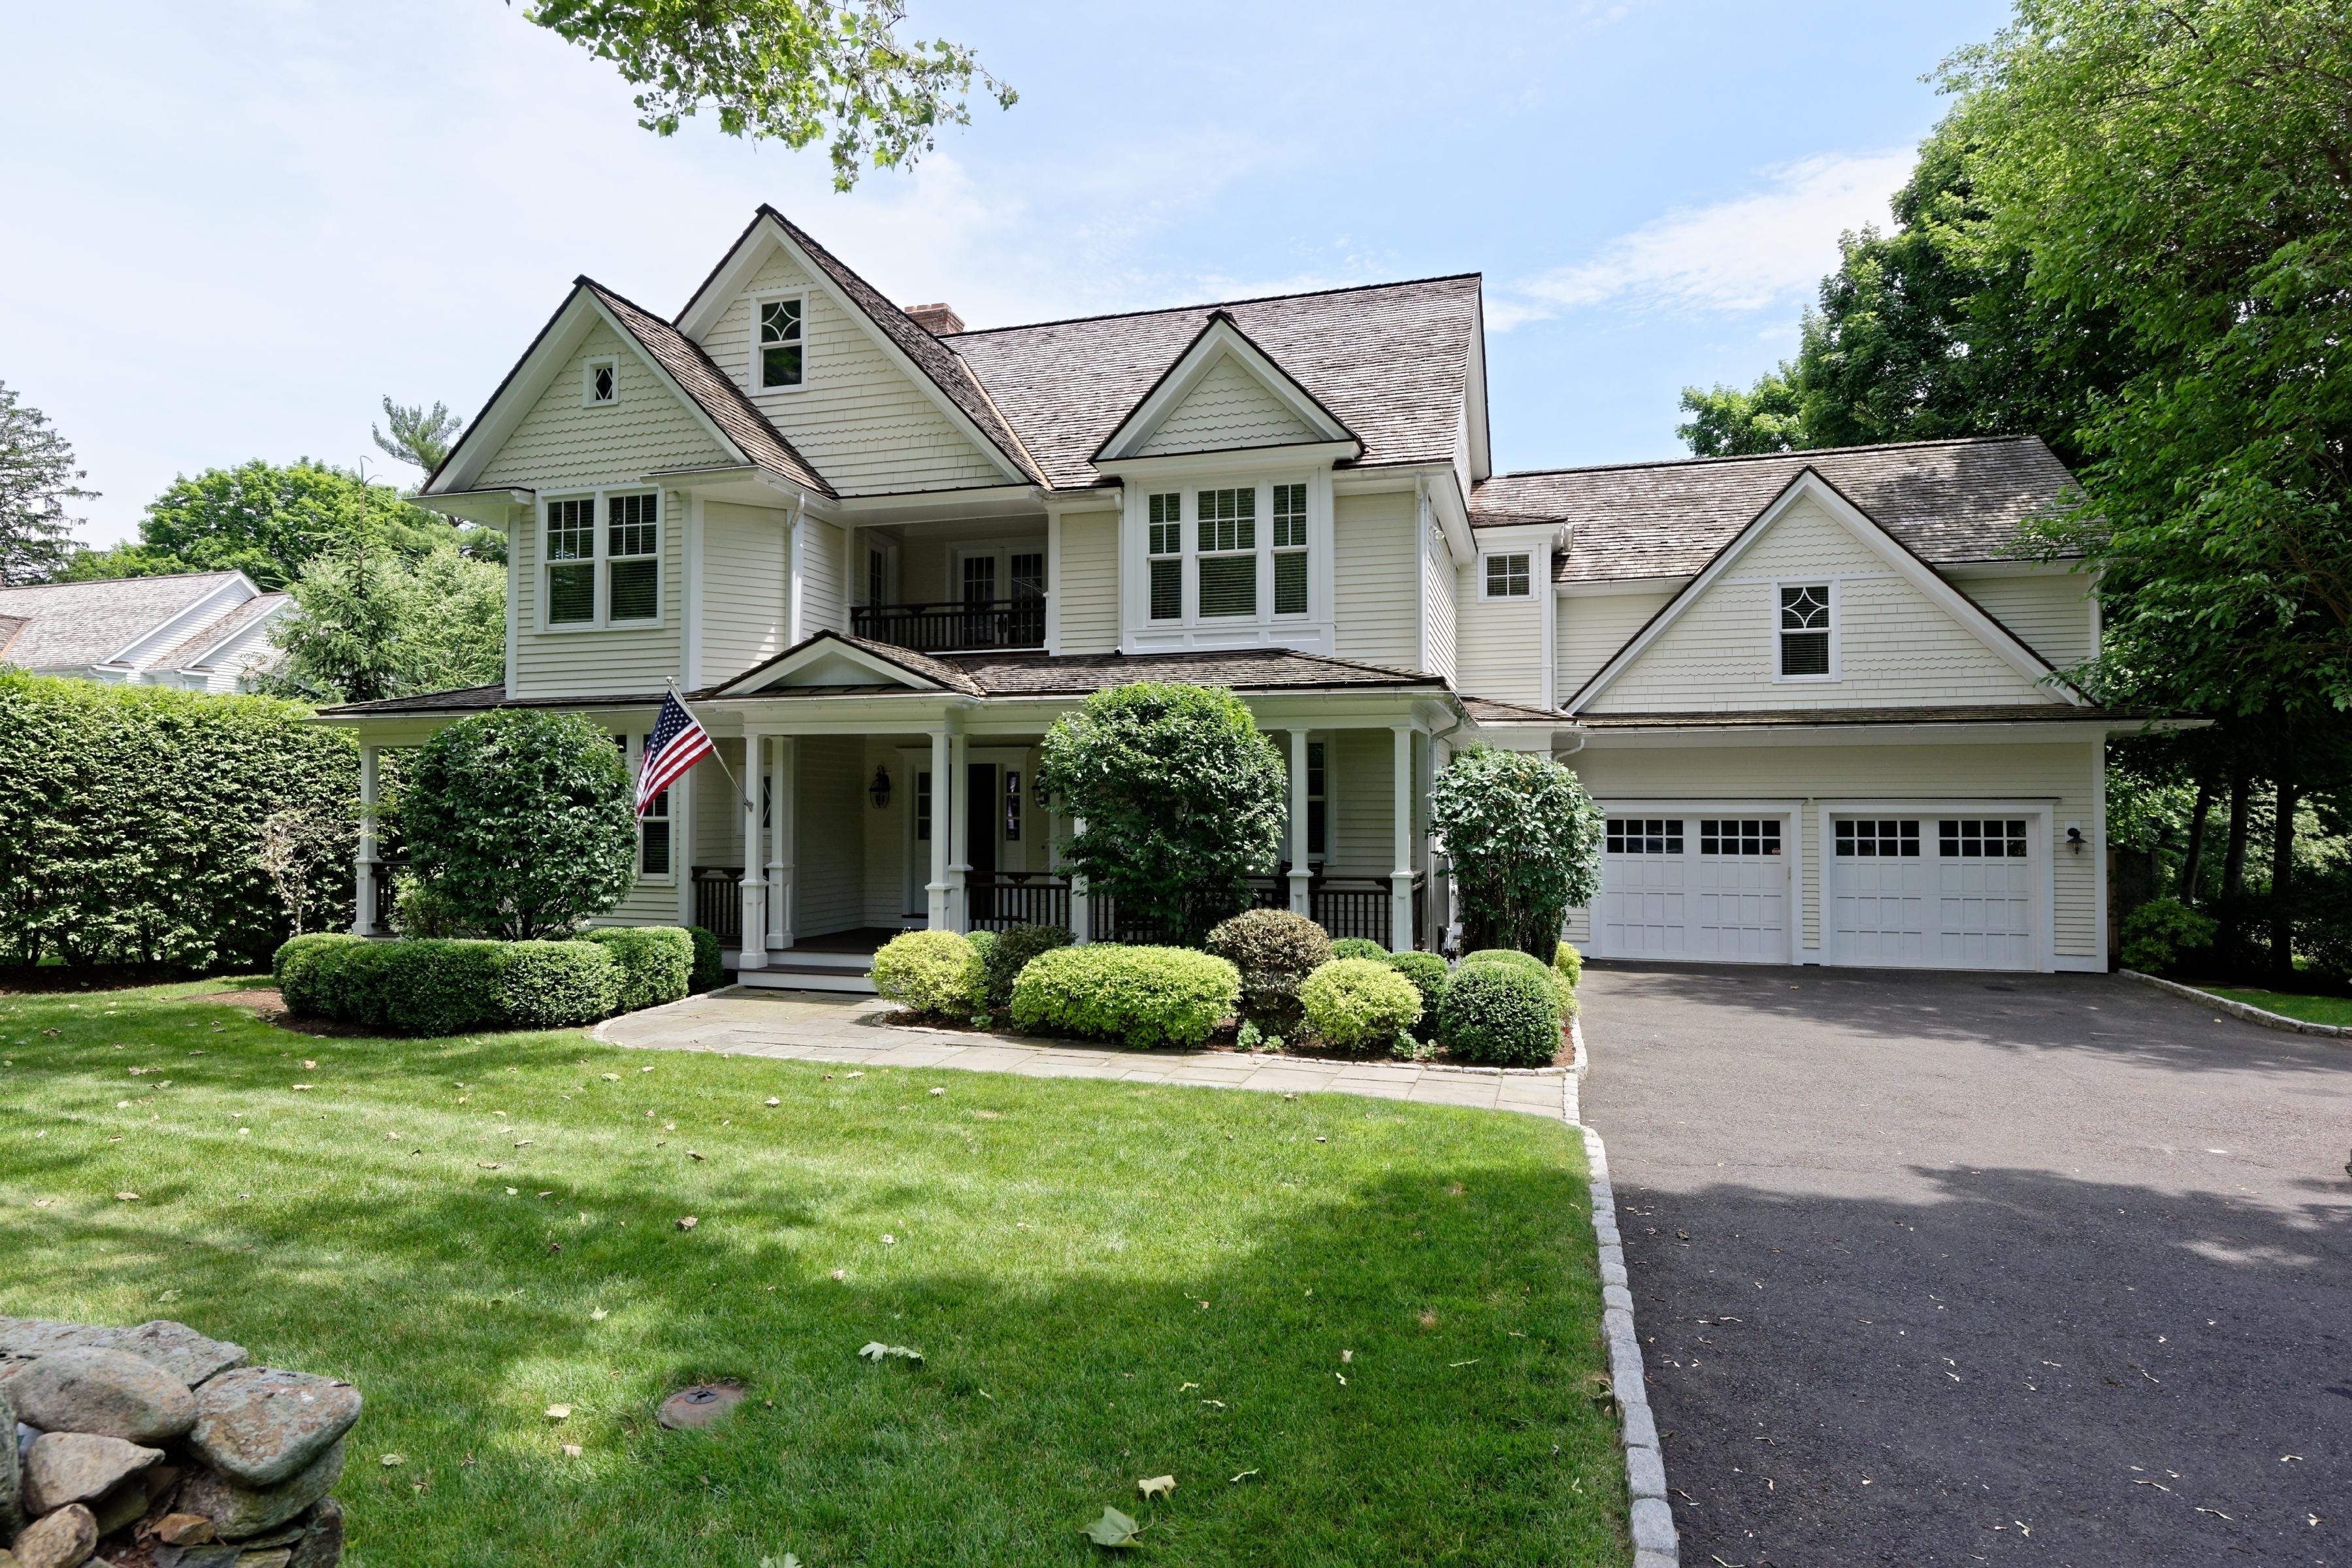 Casa para uma família para Venda às Greens Farms Area 374 Greens Farms Road Westport, Connecticut 06880 Estados Unidos